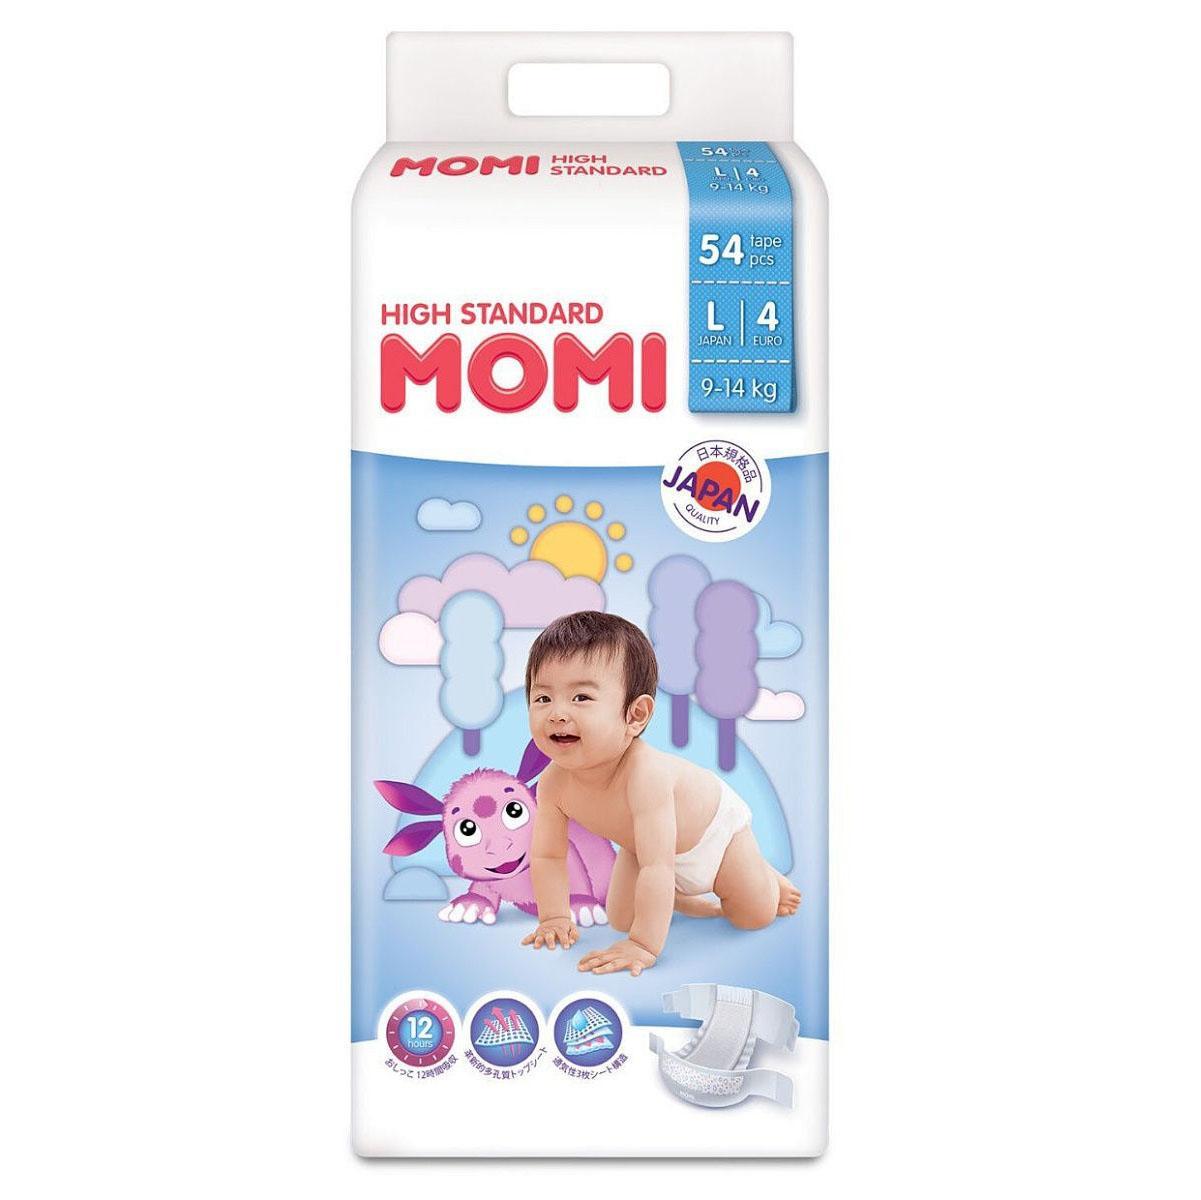 Купить MOMI High Standard Подгузники L (9-14 кг), 54 шт, Китай